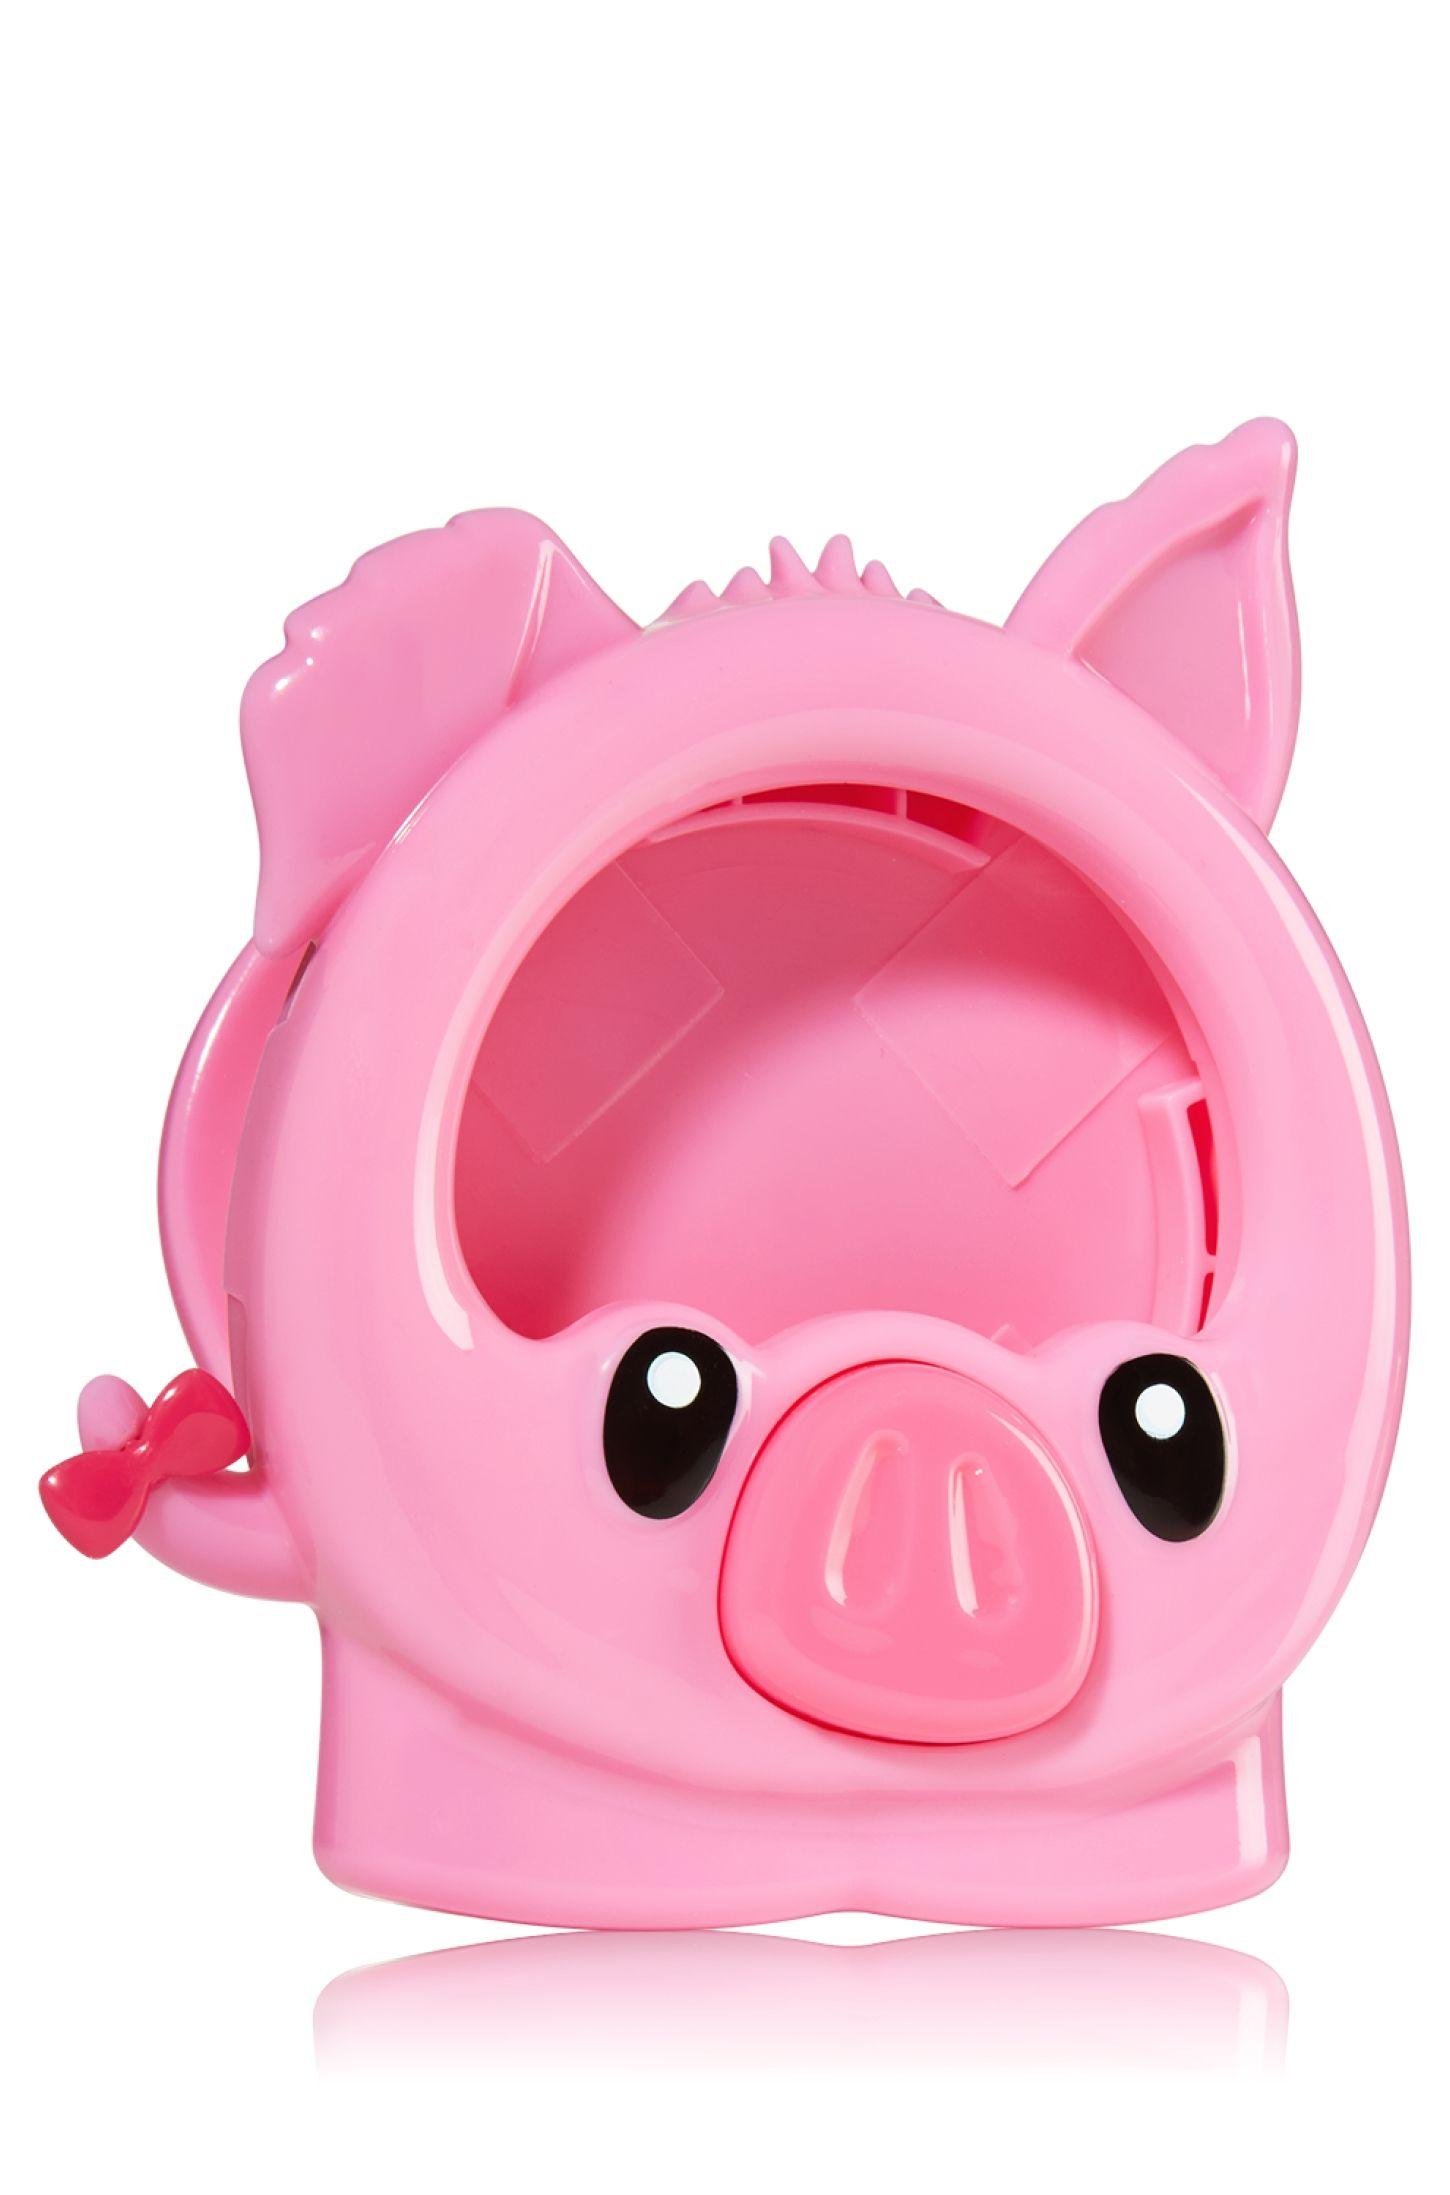 Pig Scentportable Holder Slatkin Co Bath Body Works